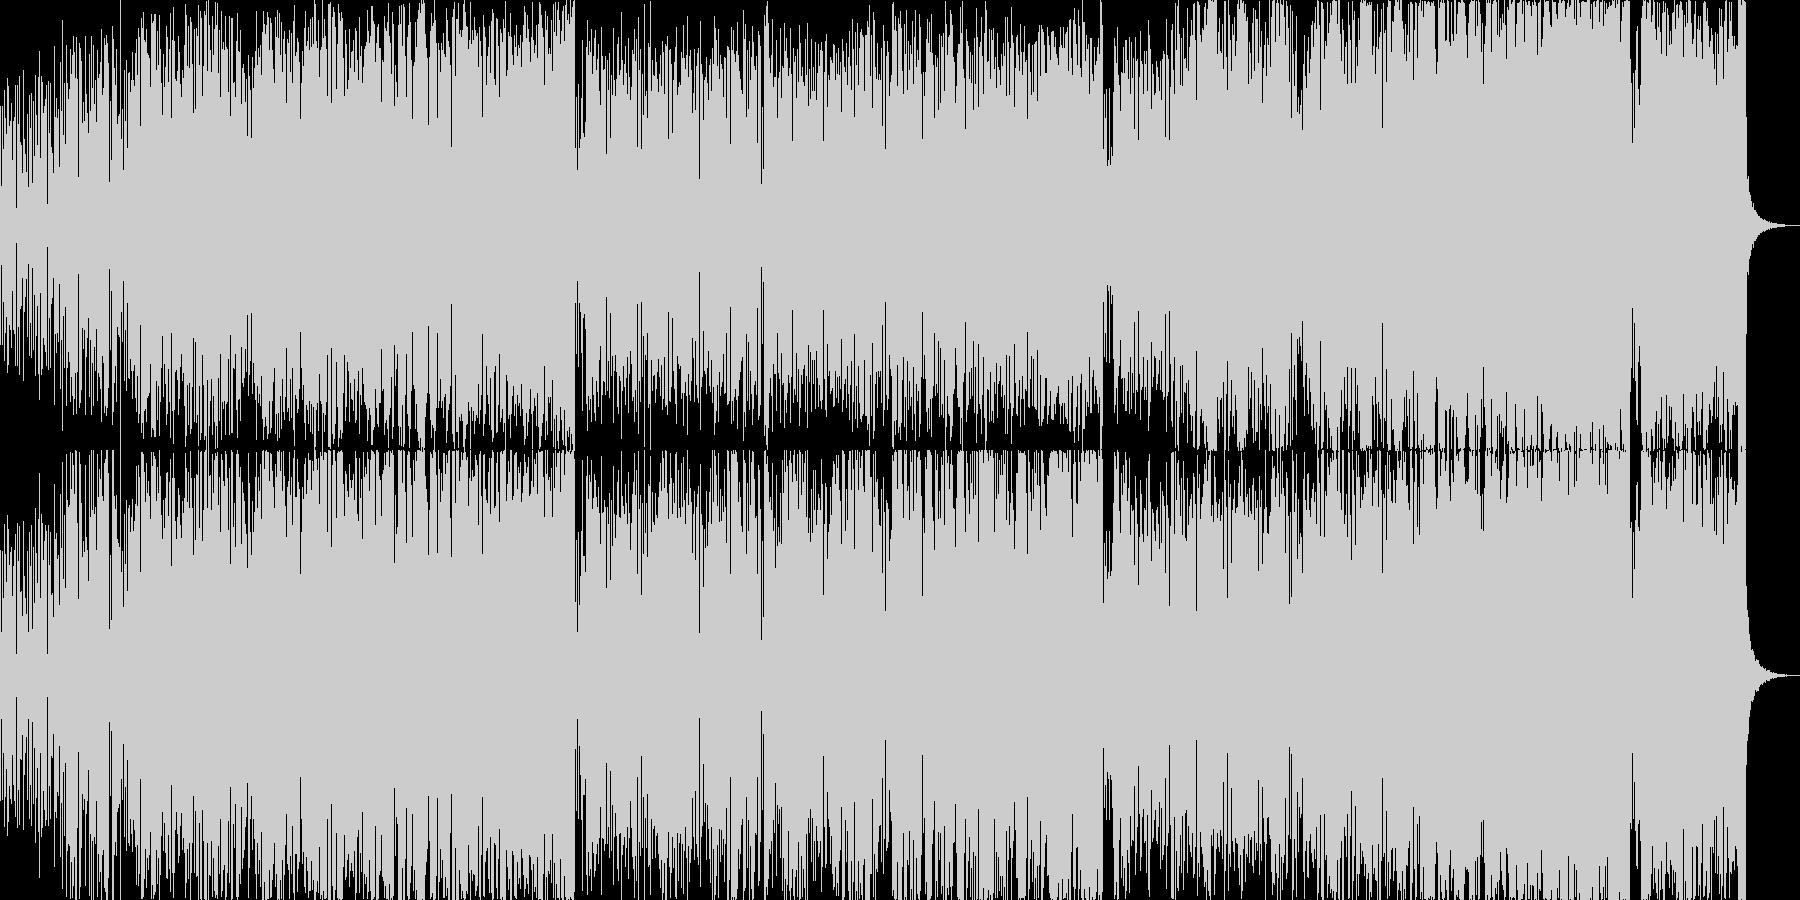 ヴァイオリンによるマイナーボッサの未再生の波形